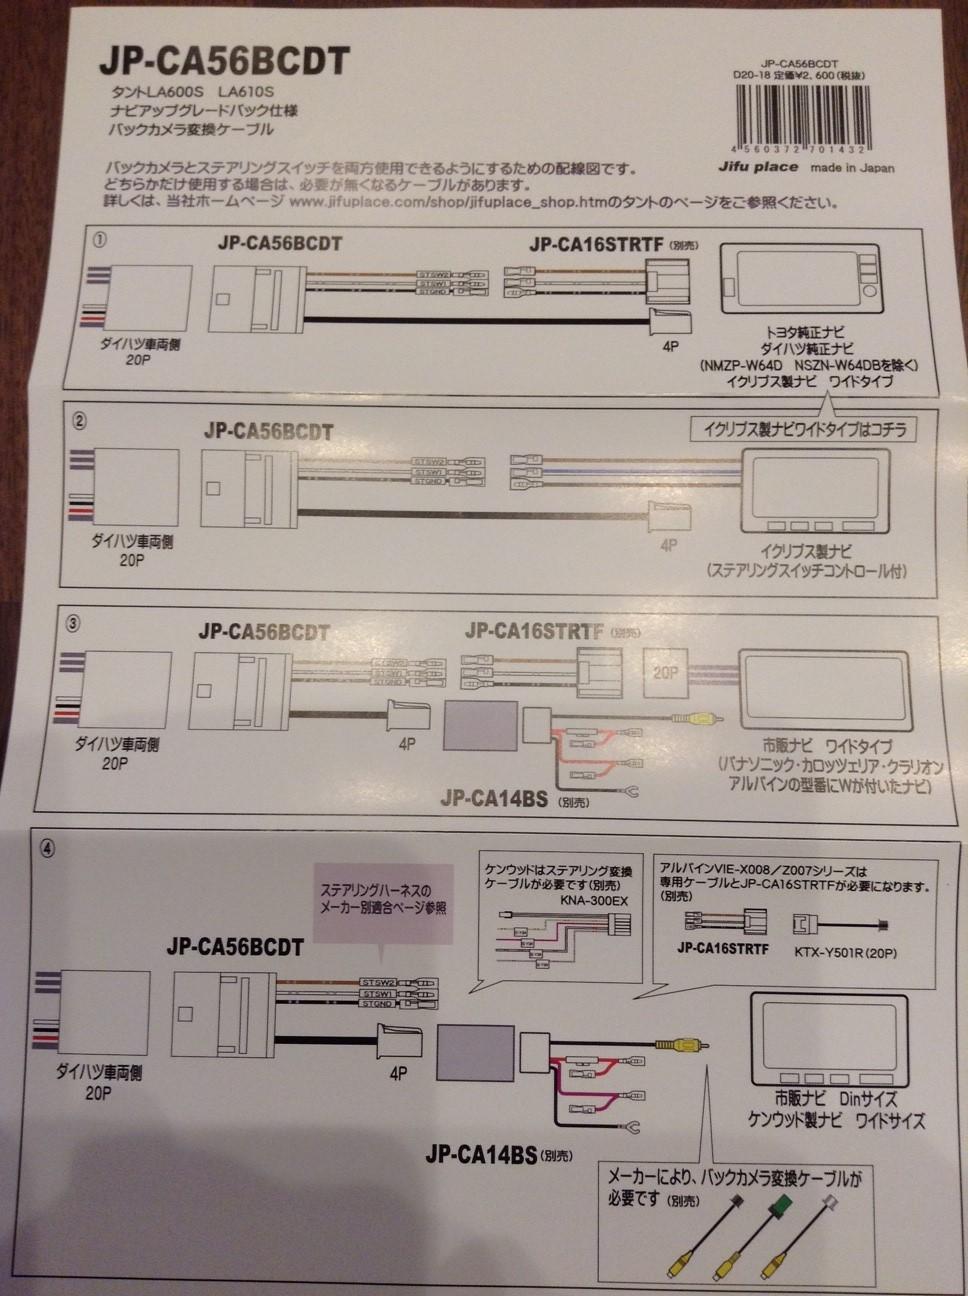 nszp − w 65de 配線図から探した商品一覧【ポンパレモール】